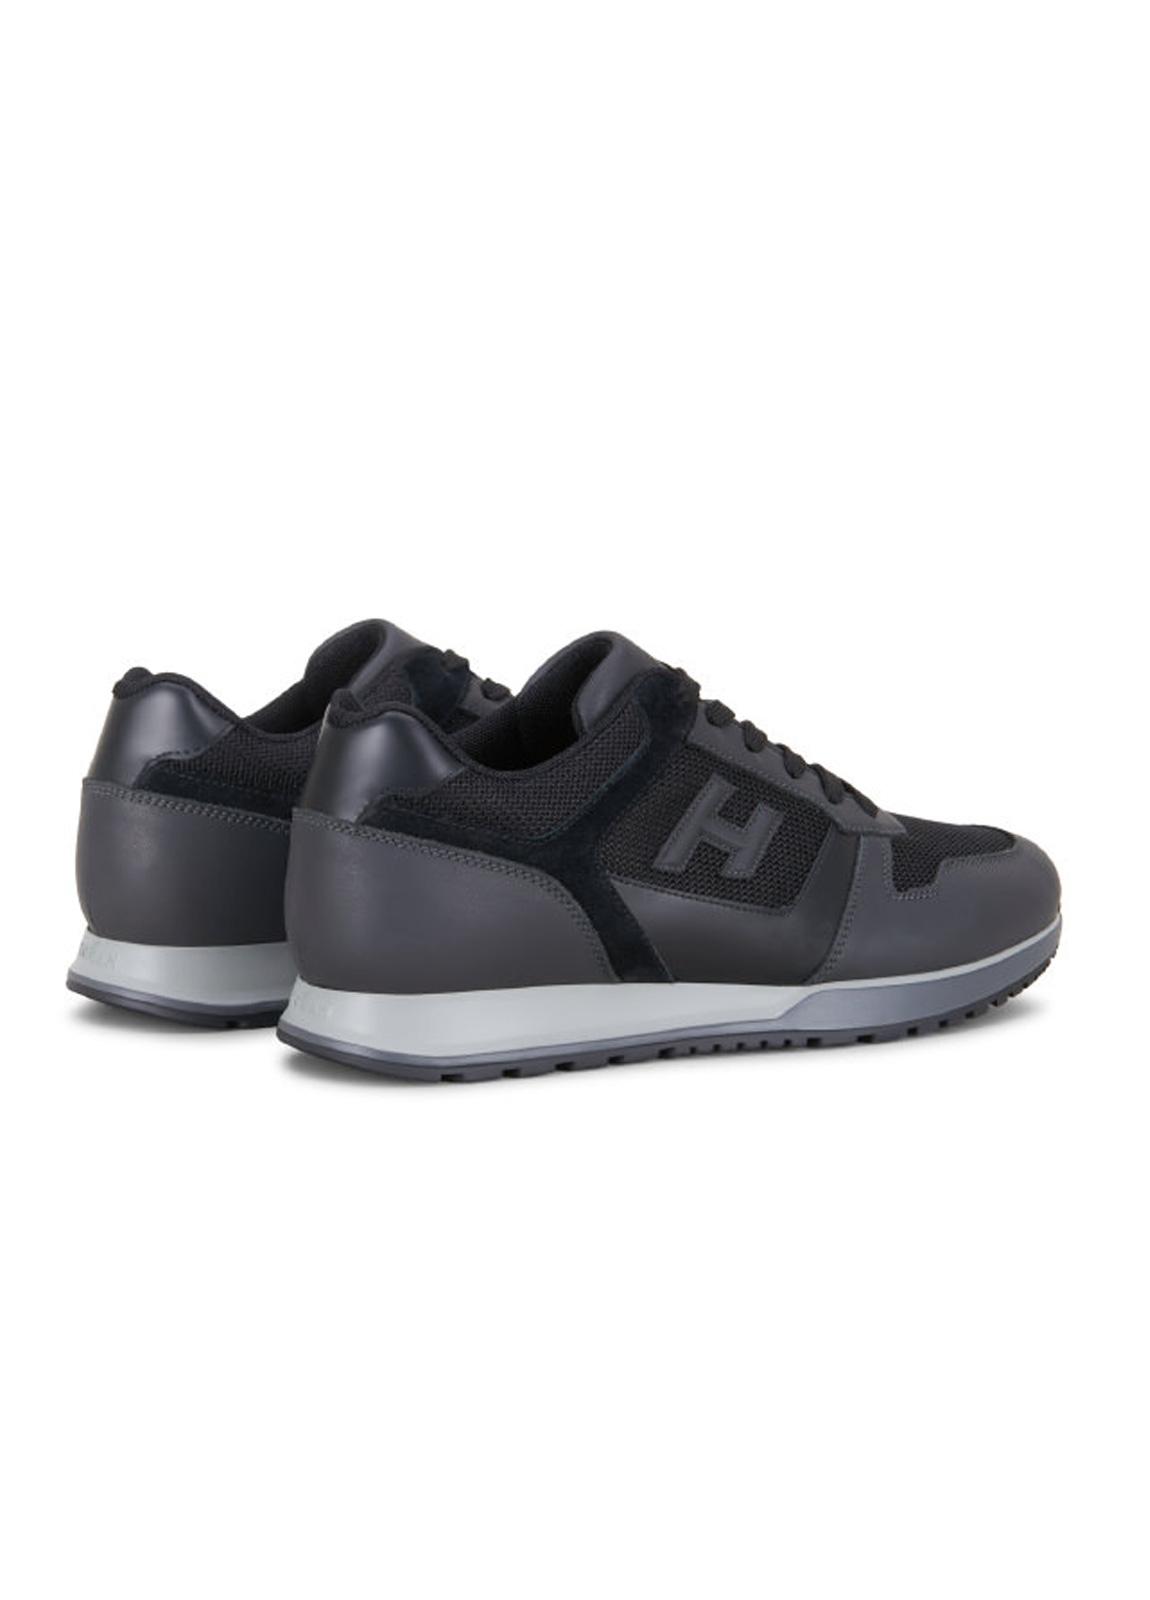 Calzado sport SNEAKER H-321 color negro. Combinación de piel, ante y tejido técnico. - Ítem1